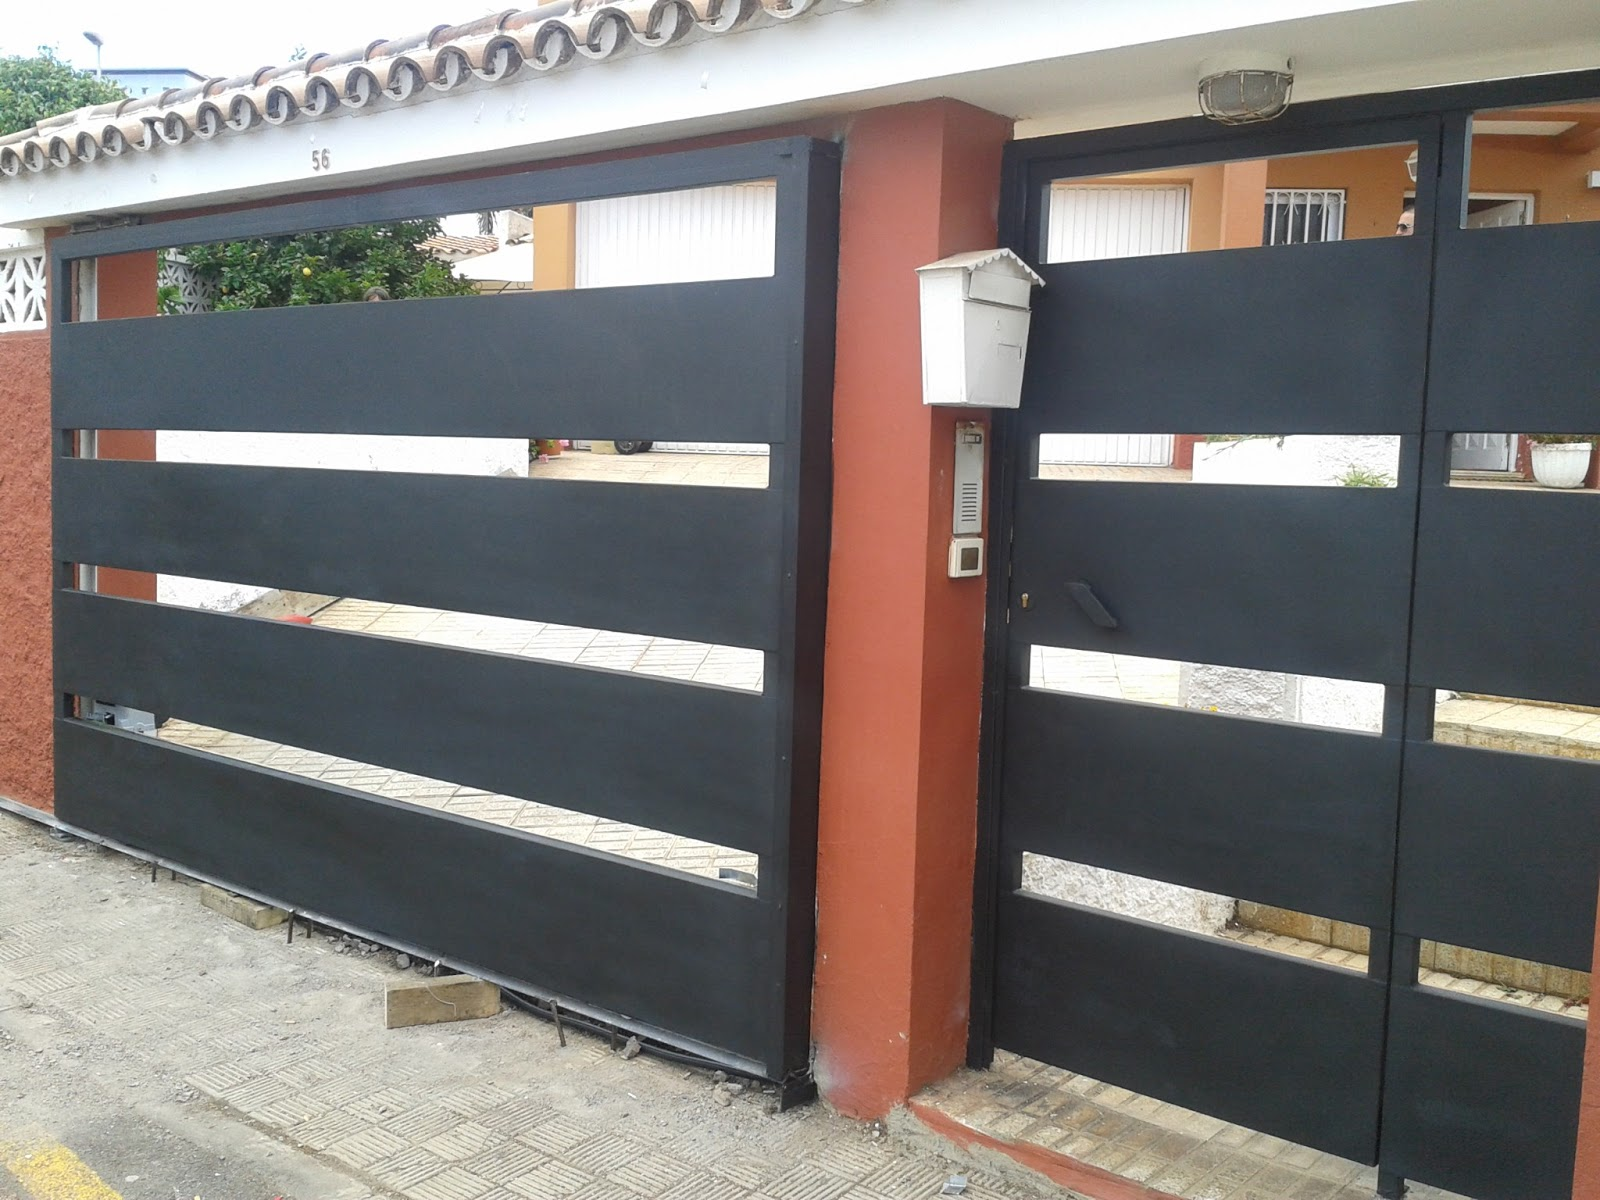 Puertas garaje tenerife modelos y materiales de puertas for Puertas exteriores baratas